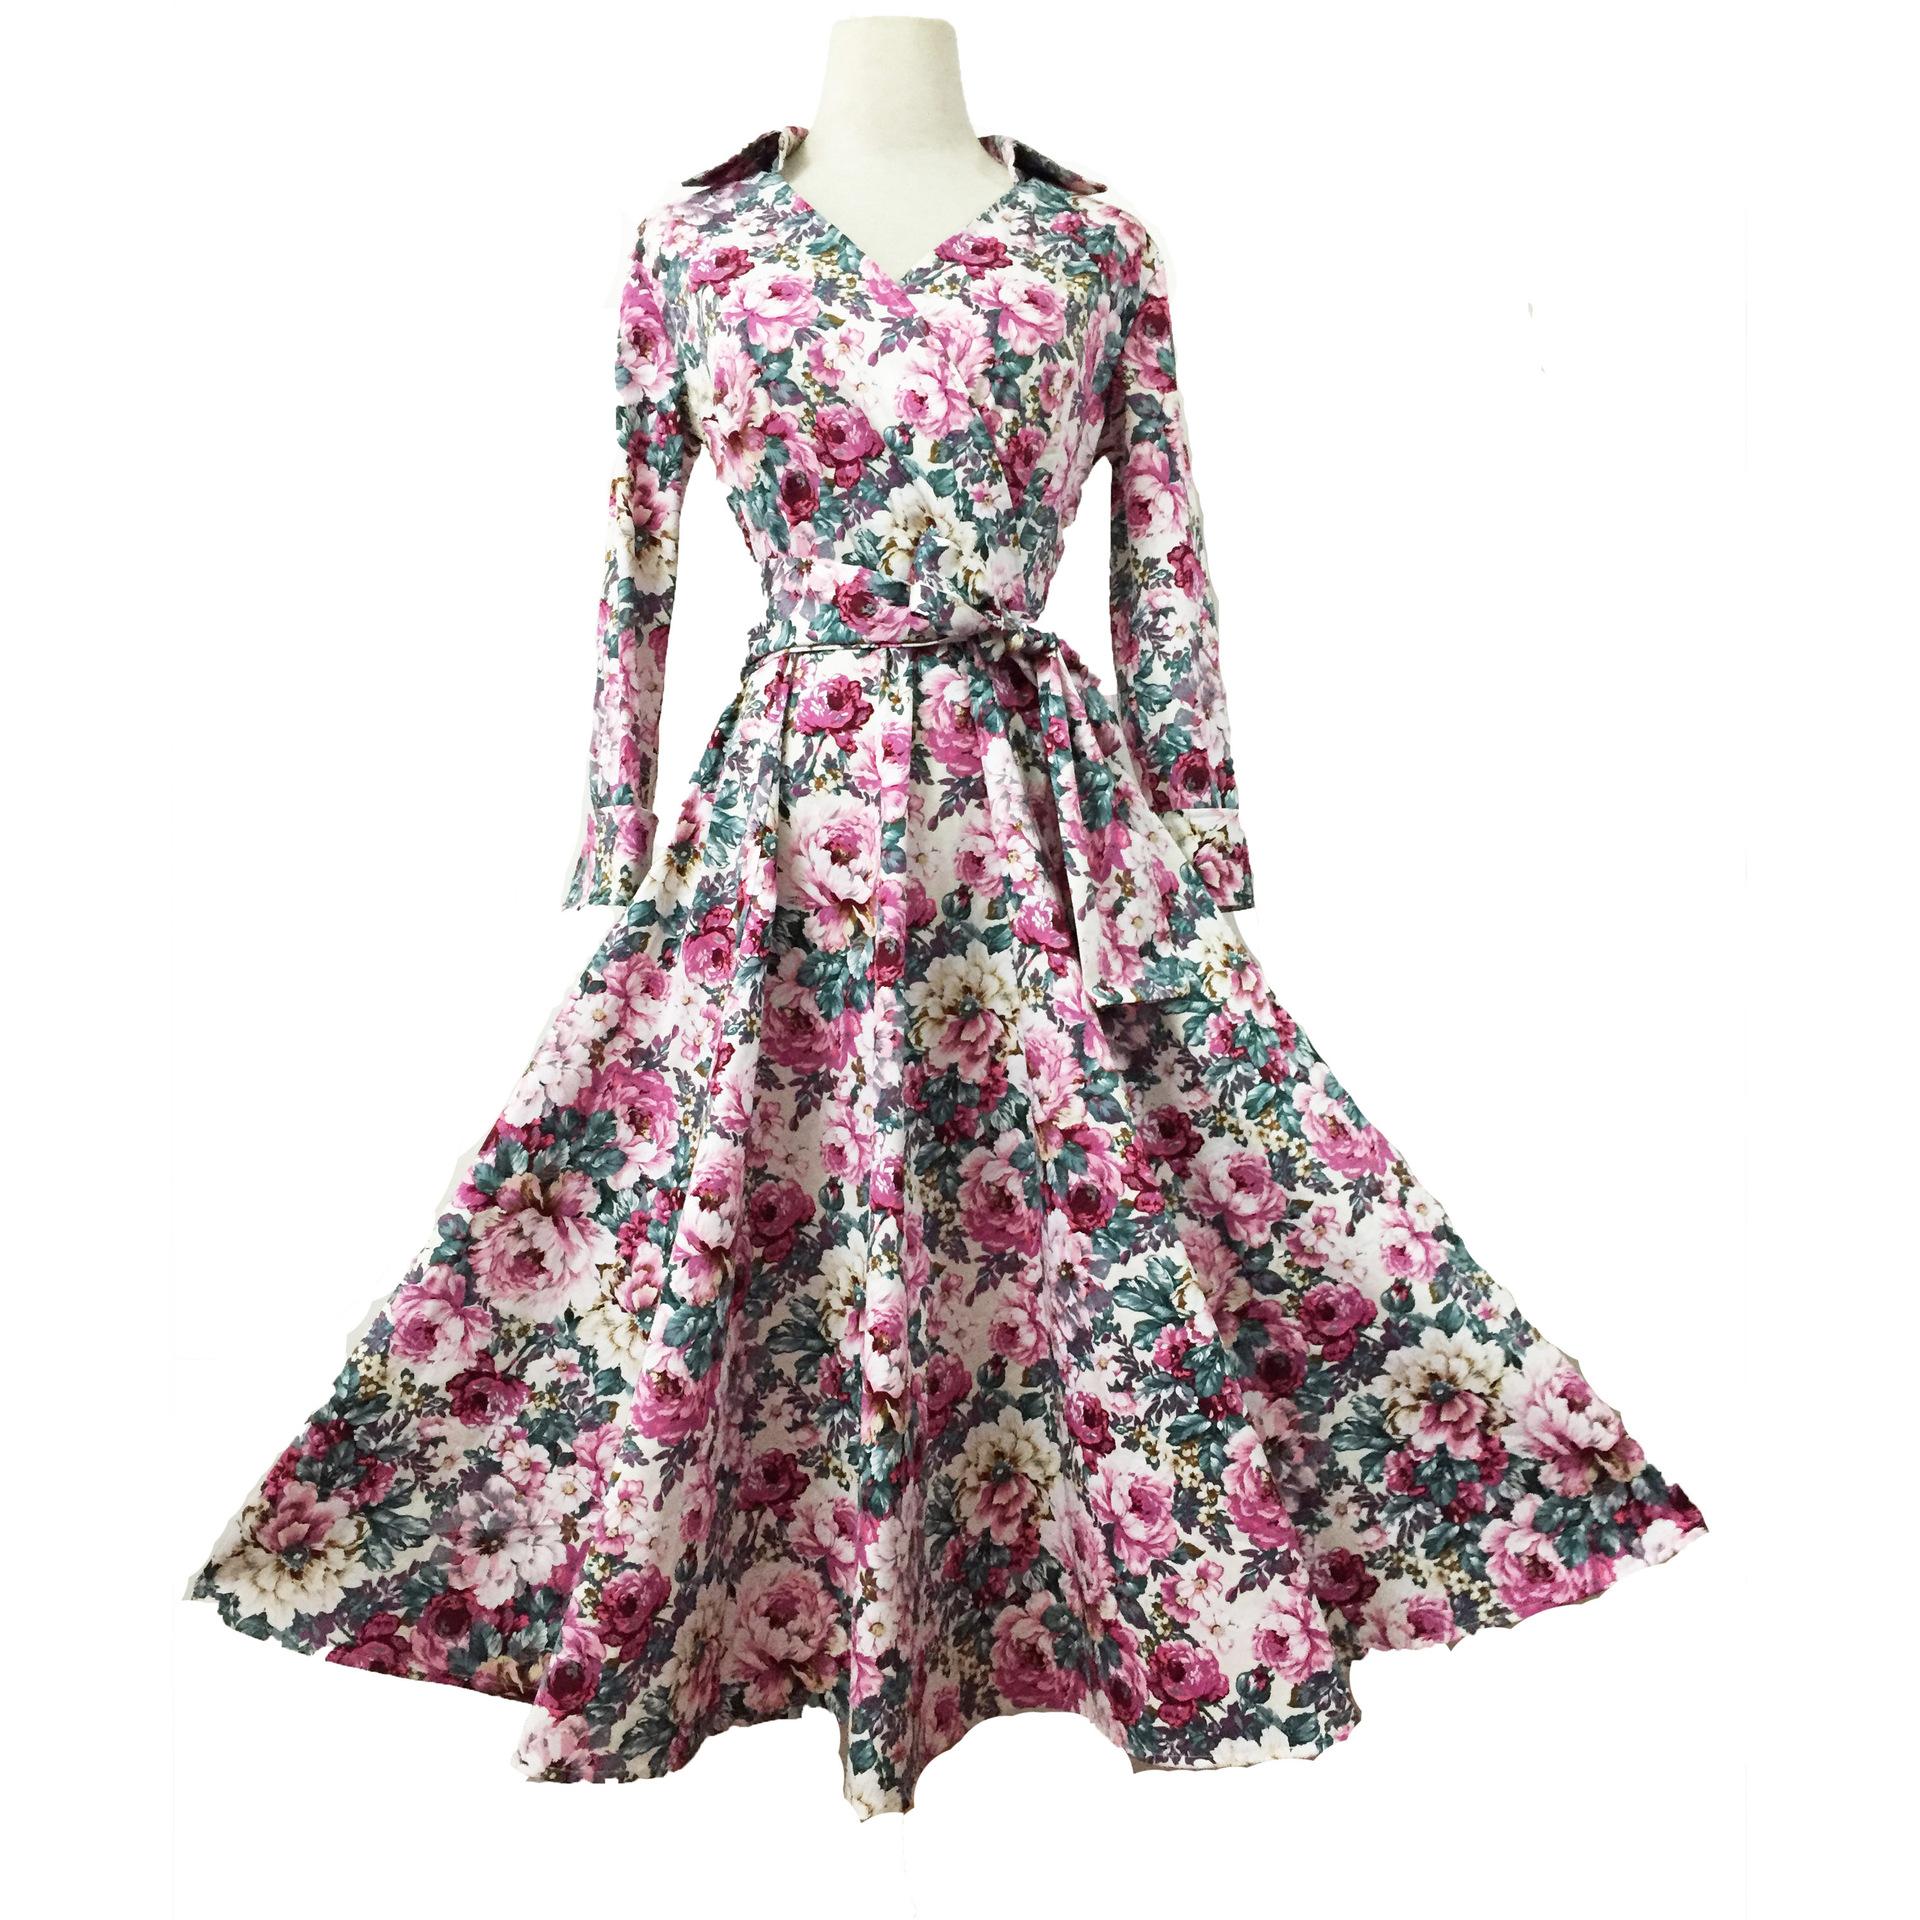 1950s vintage dresses 60s clothing plus size rockabilly for Plus size rockabilly wedding dresses